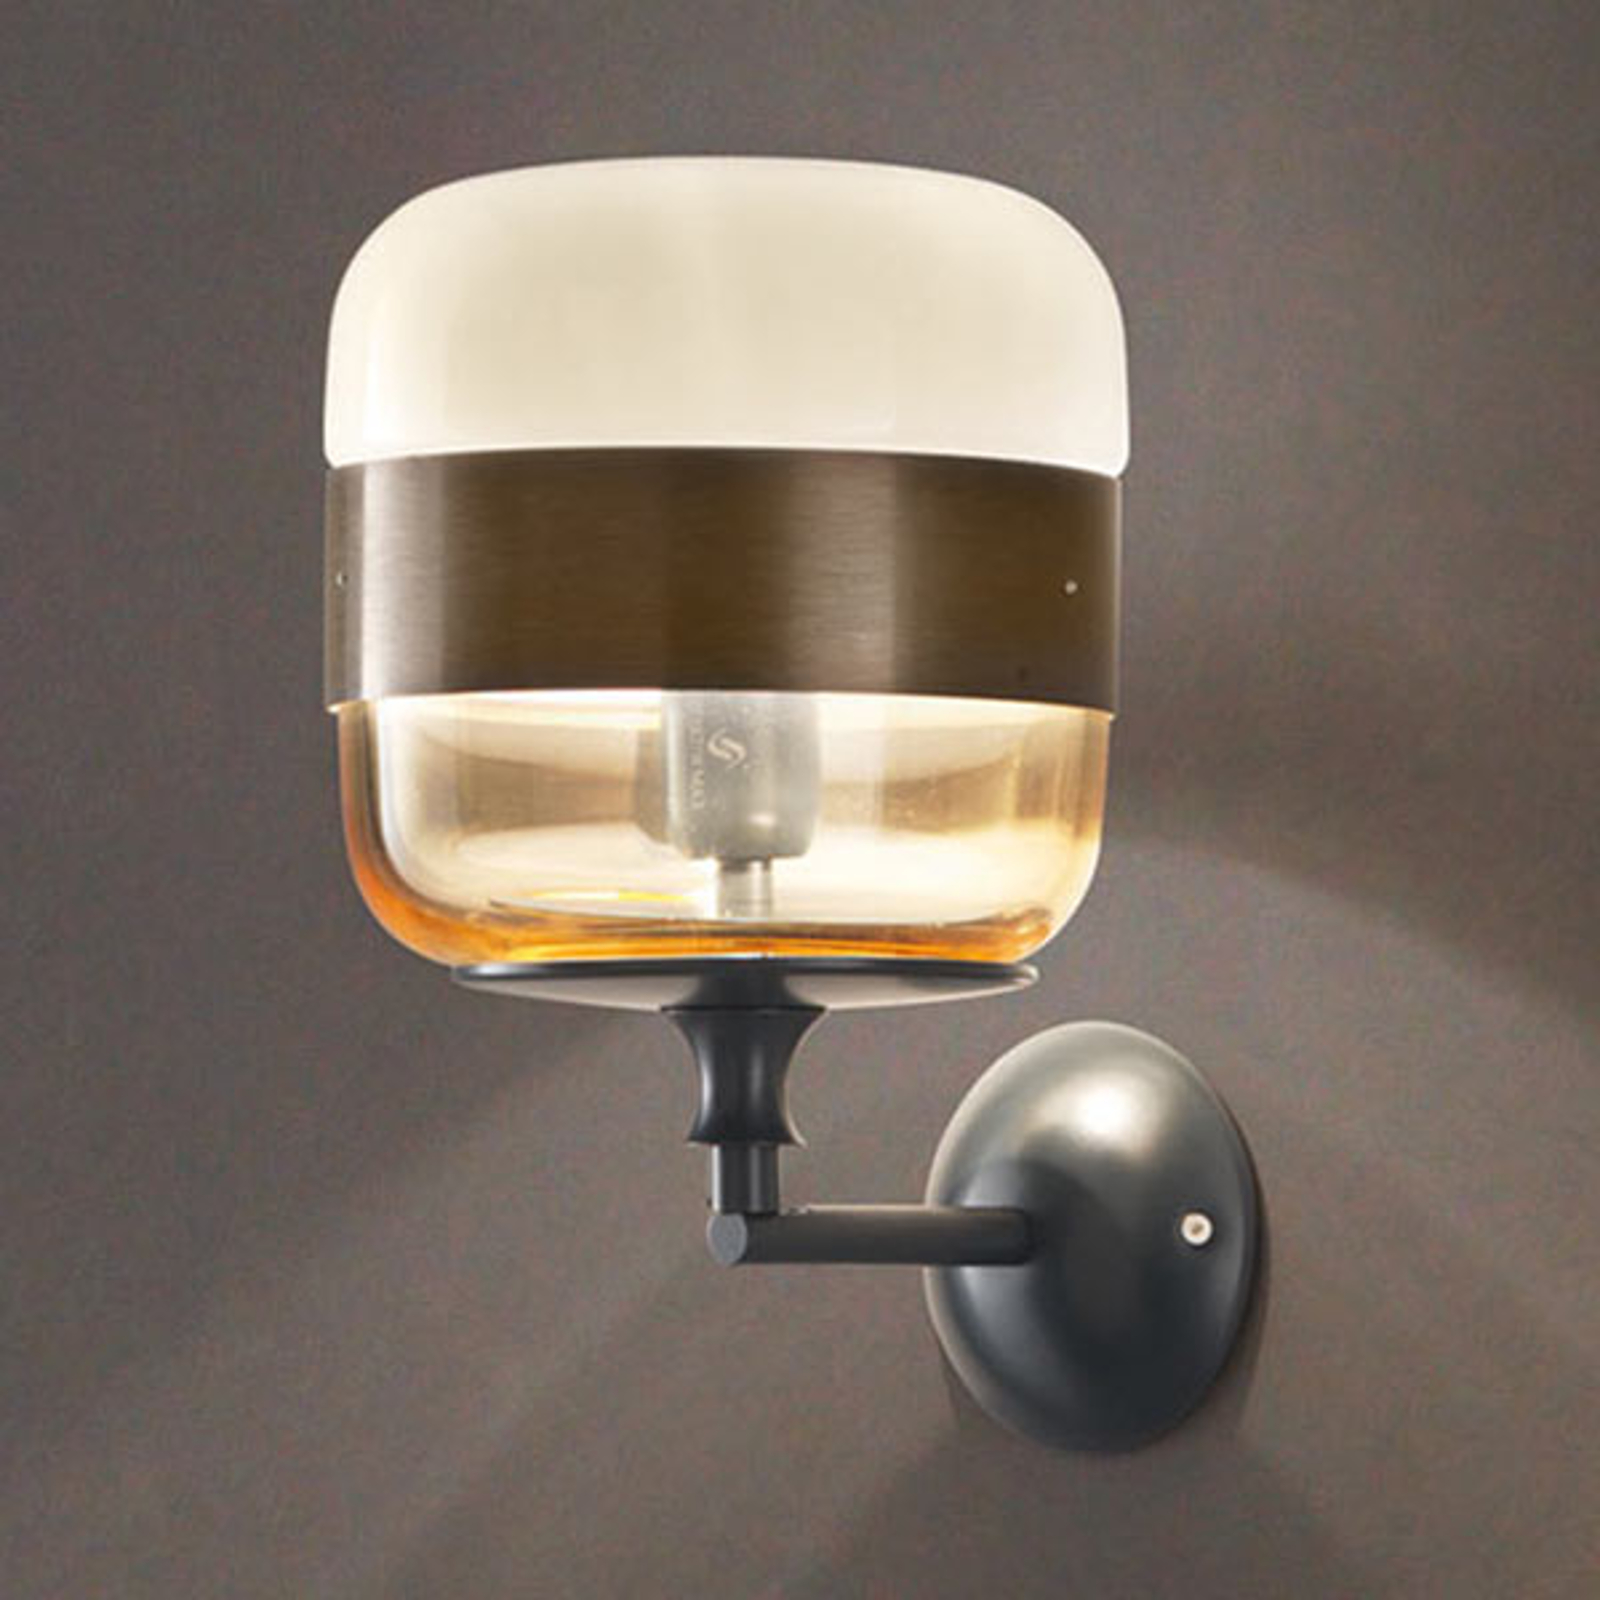 Designer-seinävalaisin Futura lasista, pronssi